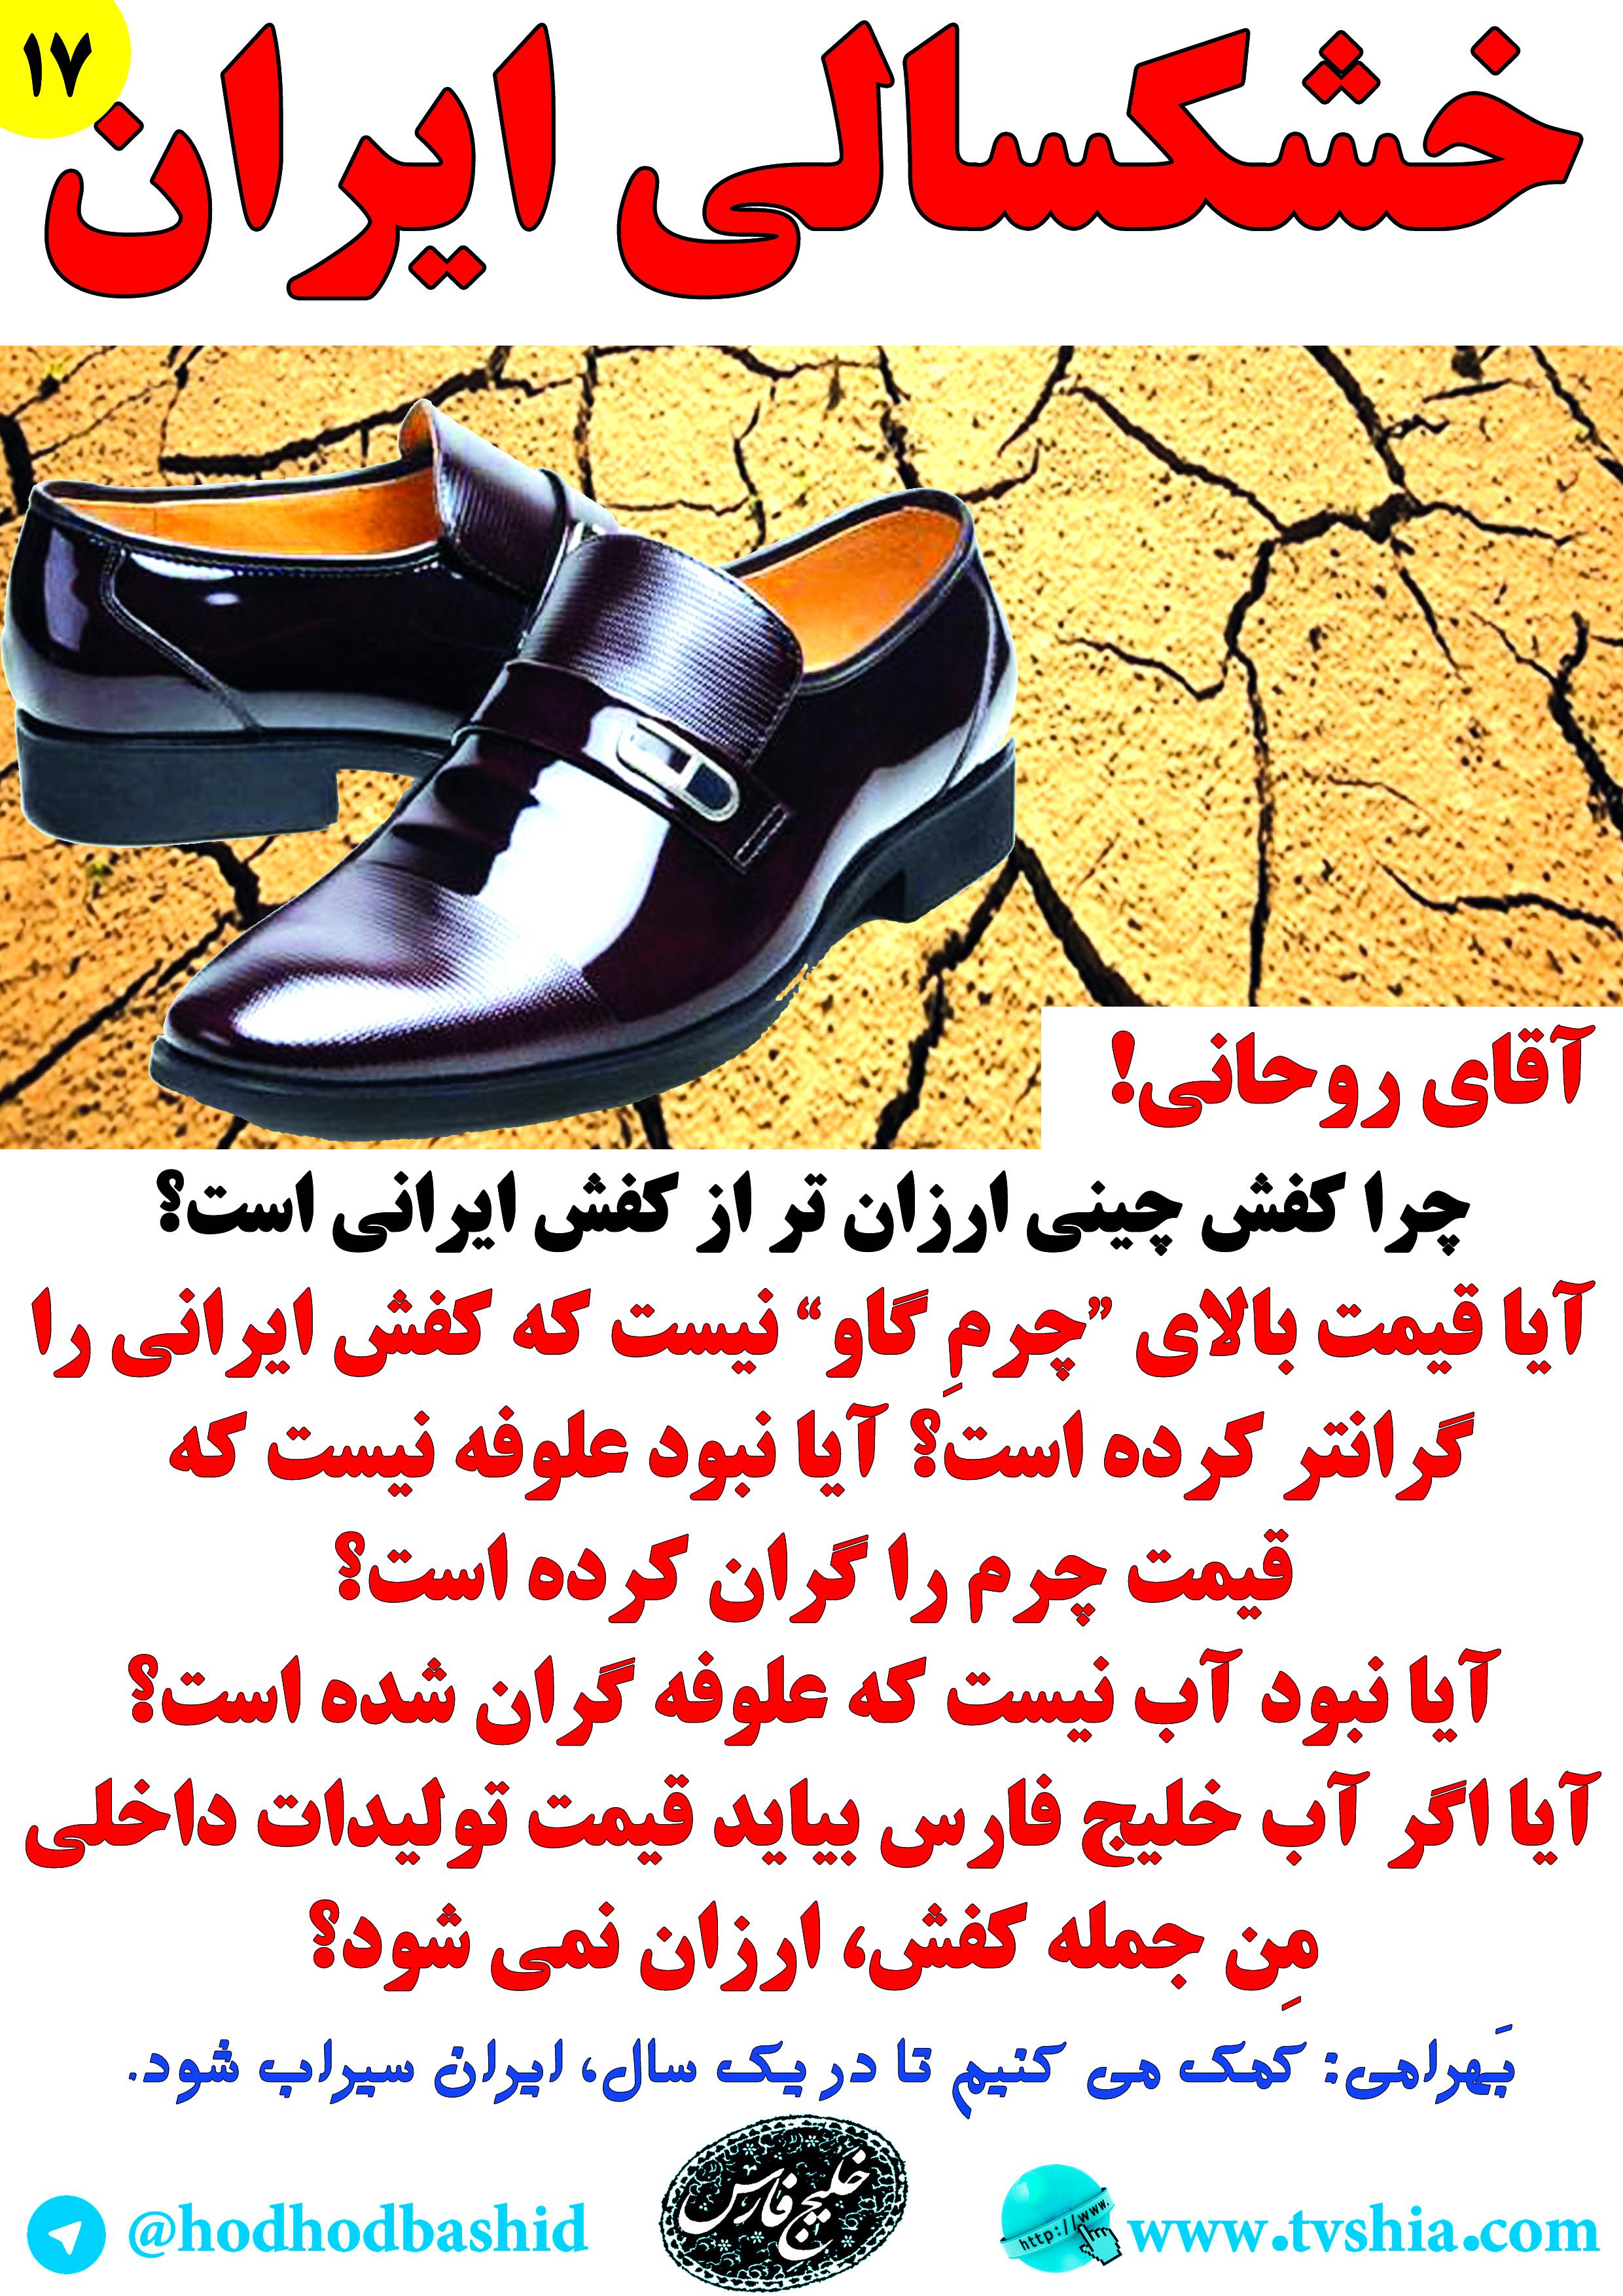 مناظره زنده ی تلویزیونی اقتصادی علی بهرامی نیکو با رئیس جمهور محترم دکتر حسن روحانی